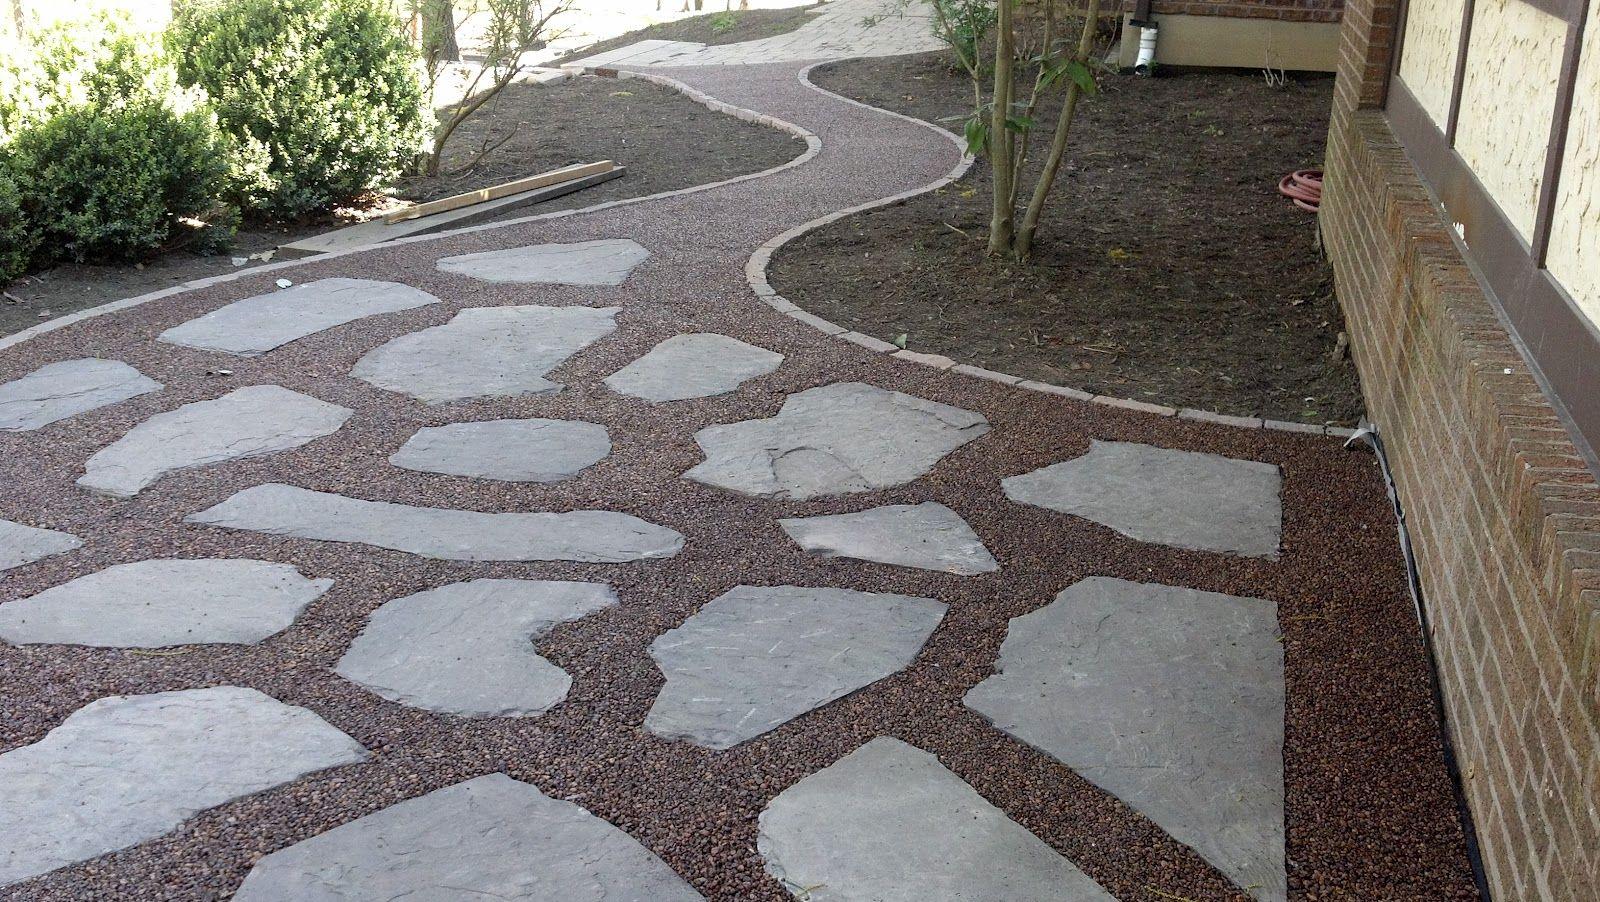 Life Time Pavers Gravel Lok Pebbles Patio And Walkway 1 400 x 300